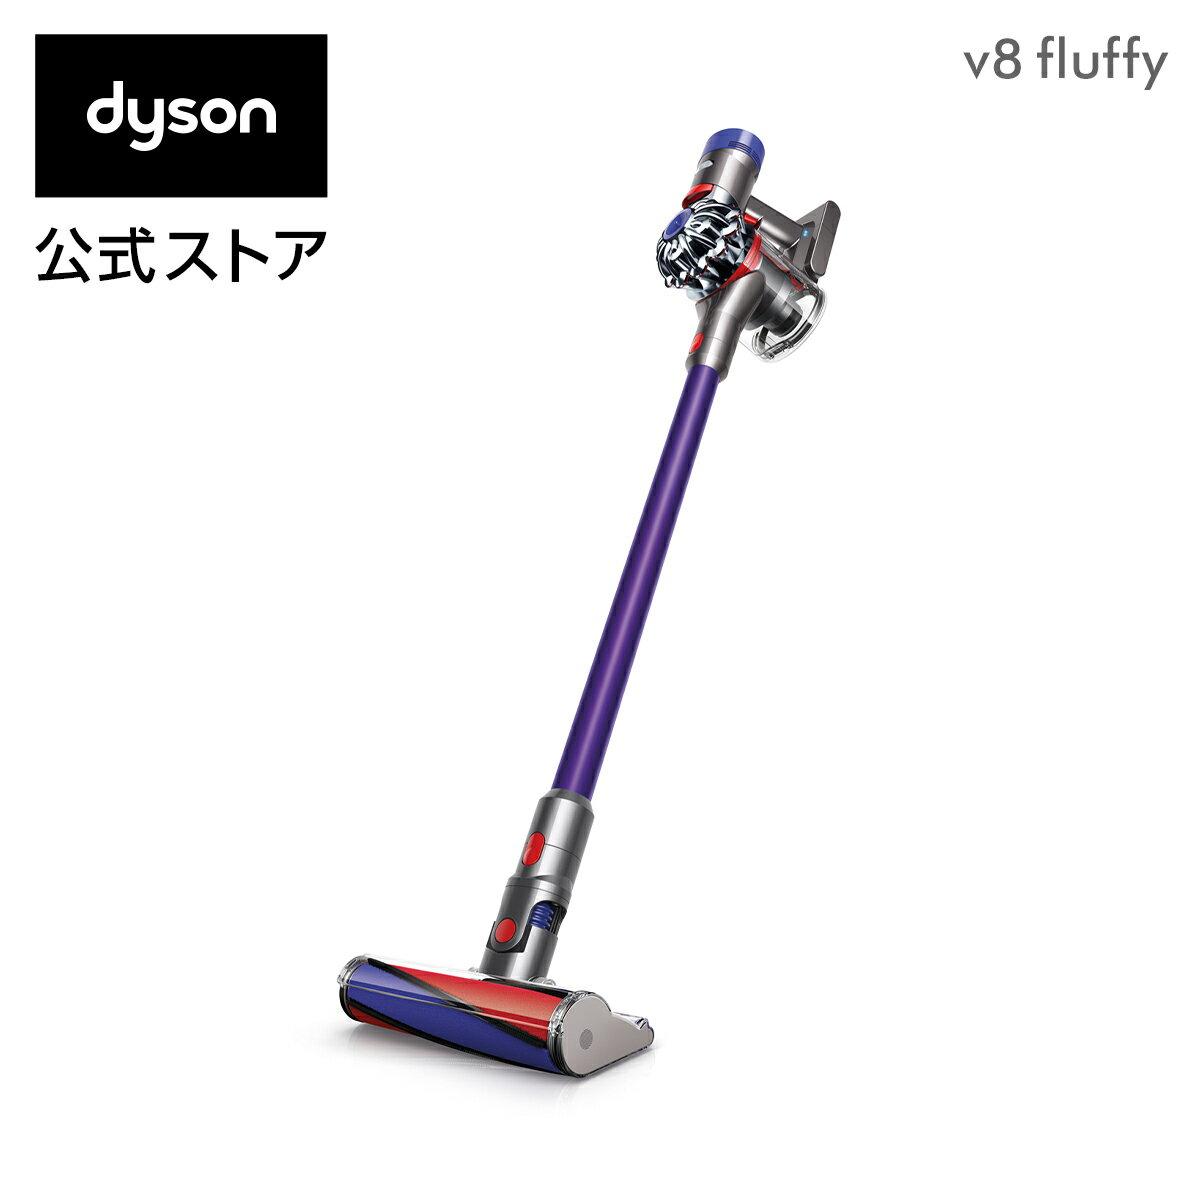 ダイソン Dyson V8 Fluffy サイクロン式 コードレス掃除機 dyson SV10FF3 2018年モデル